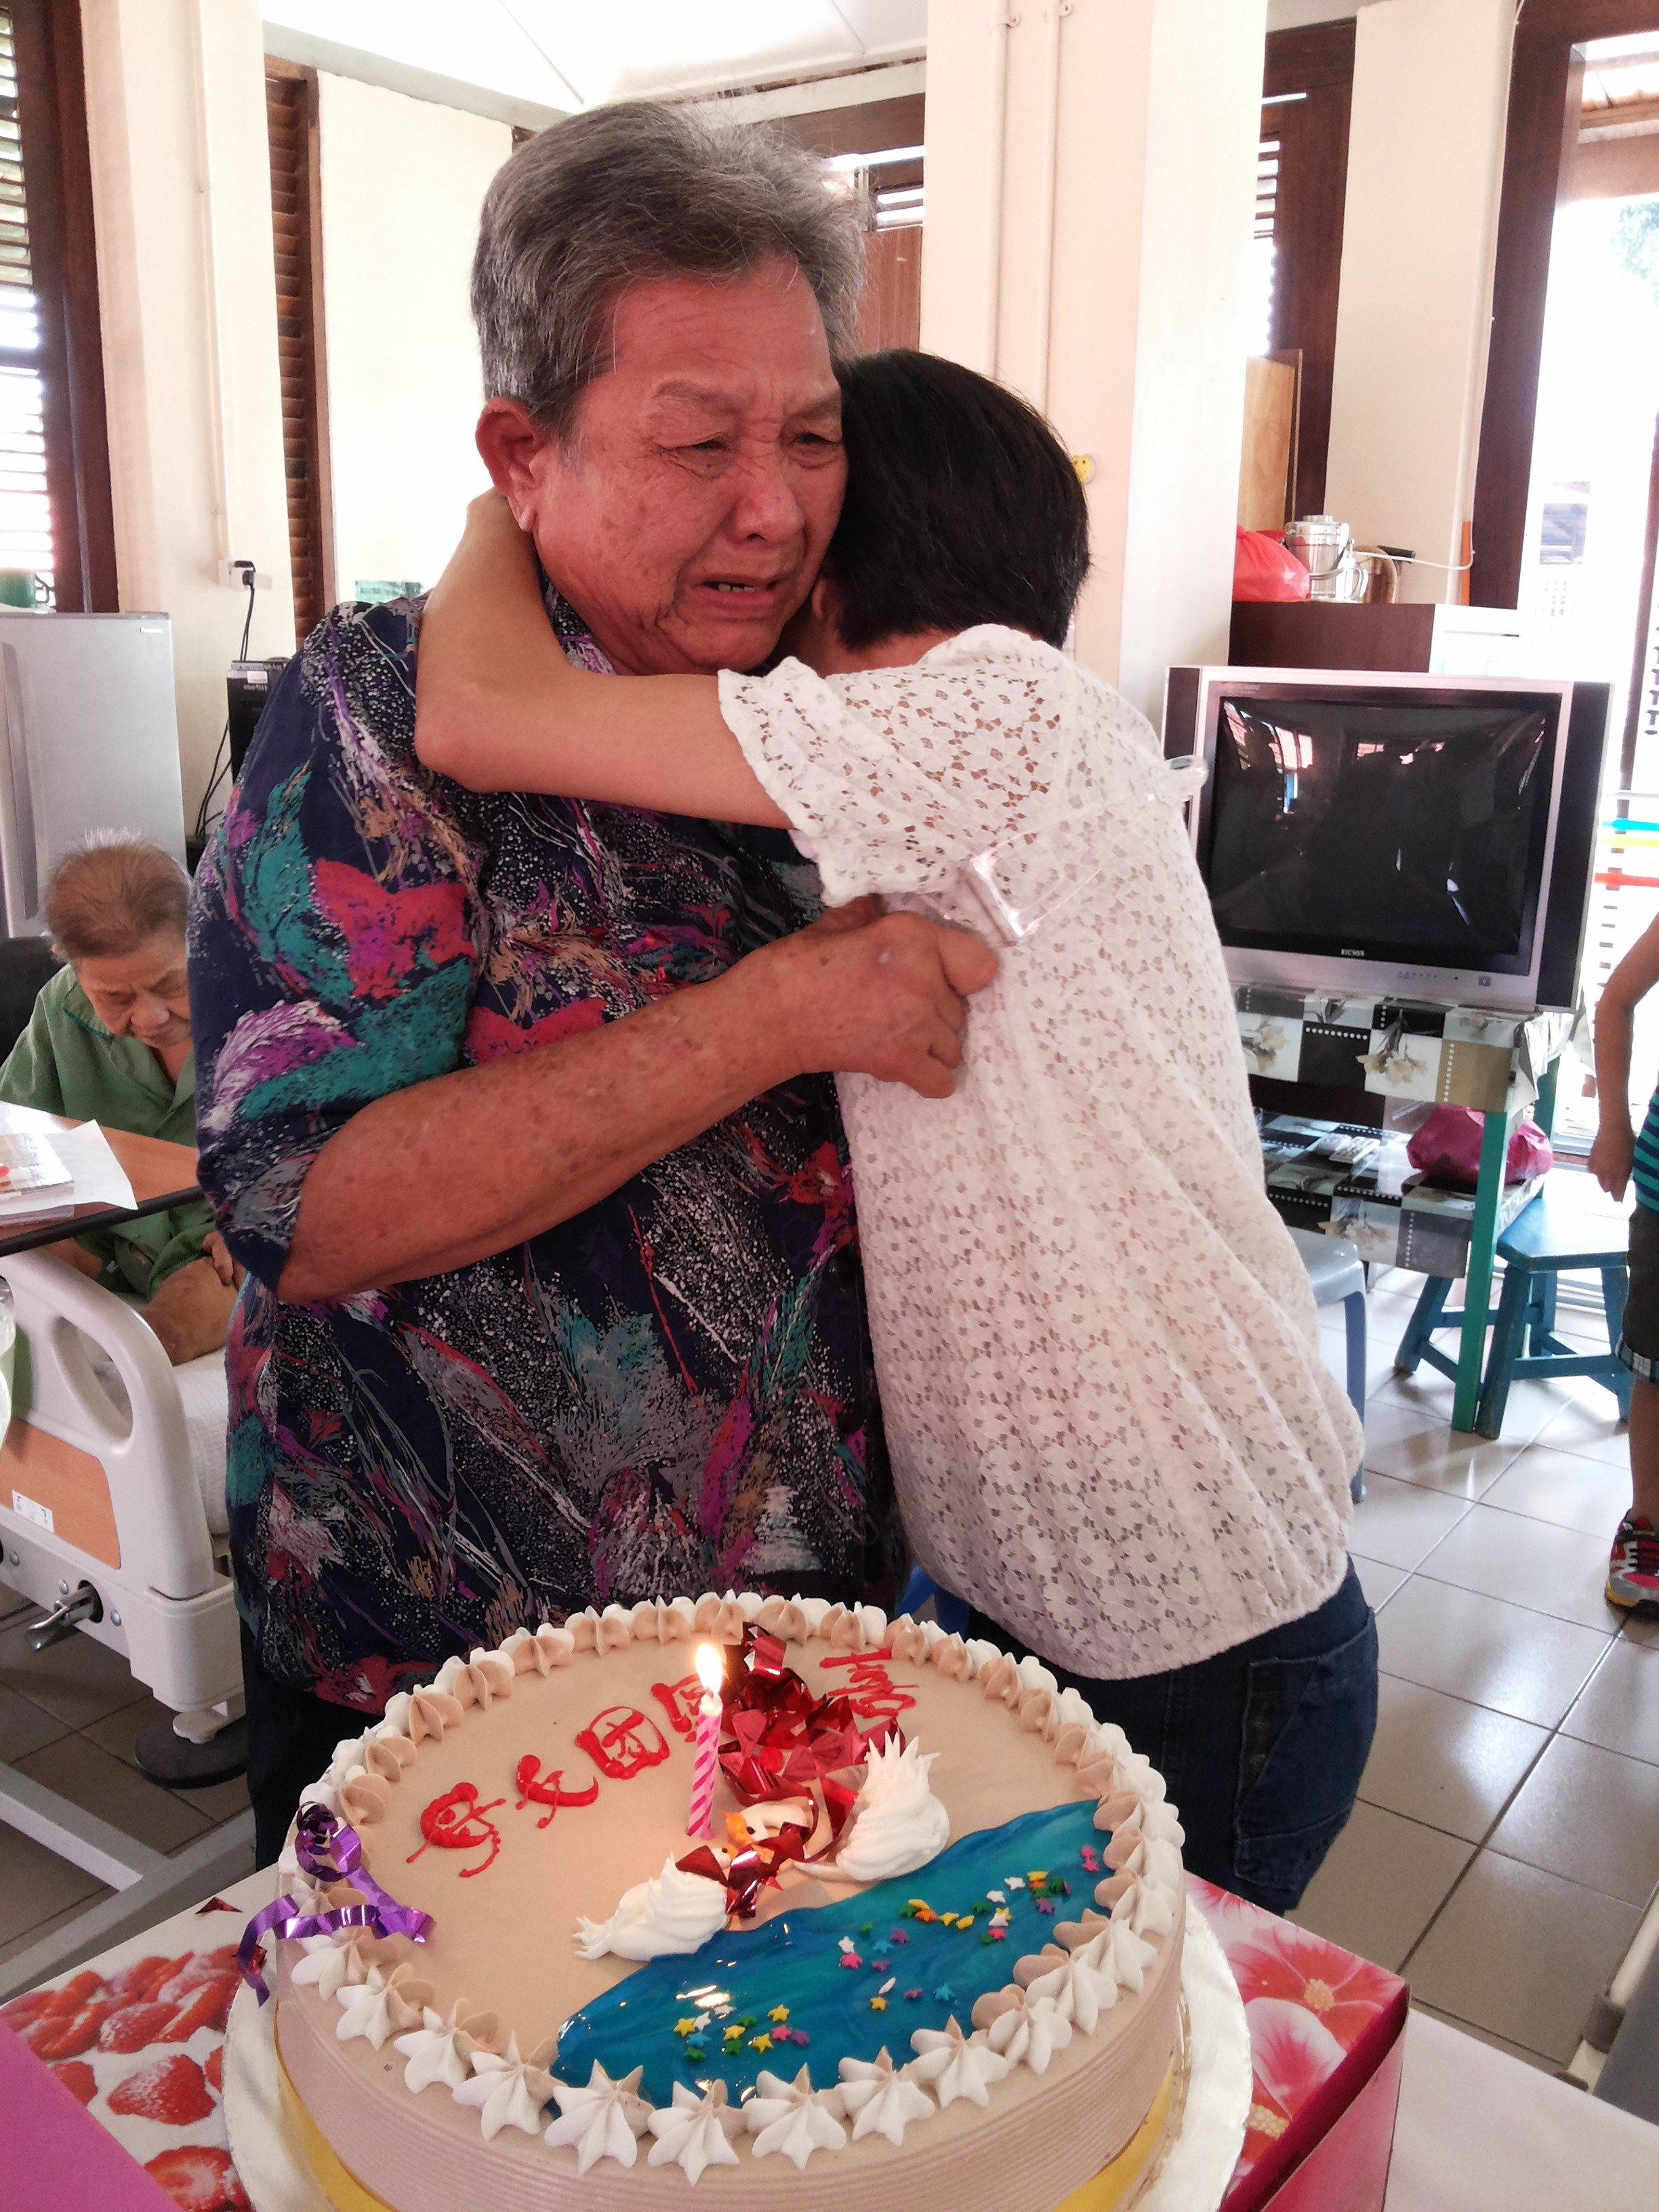 一名母亲与失散多年的女儿重逢的感人时刻。(  何叶盛 摄  )